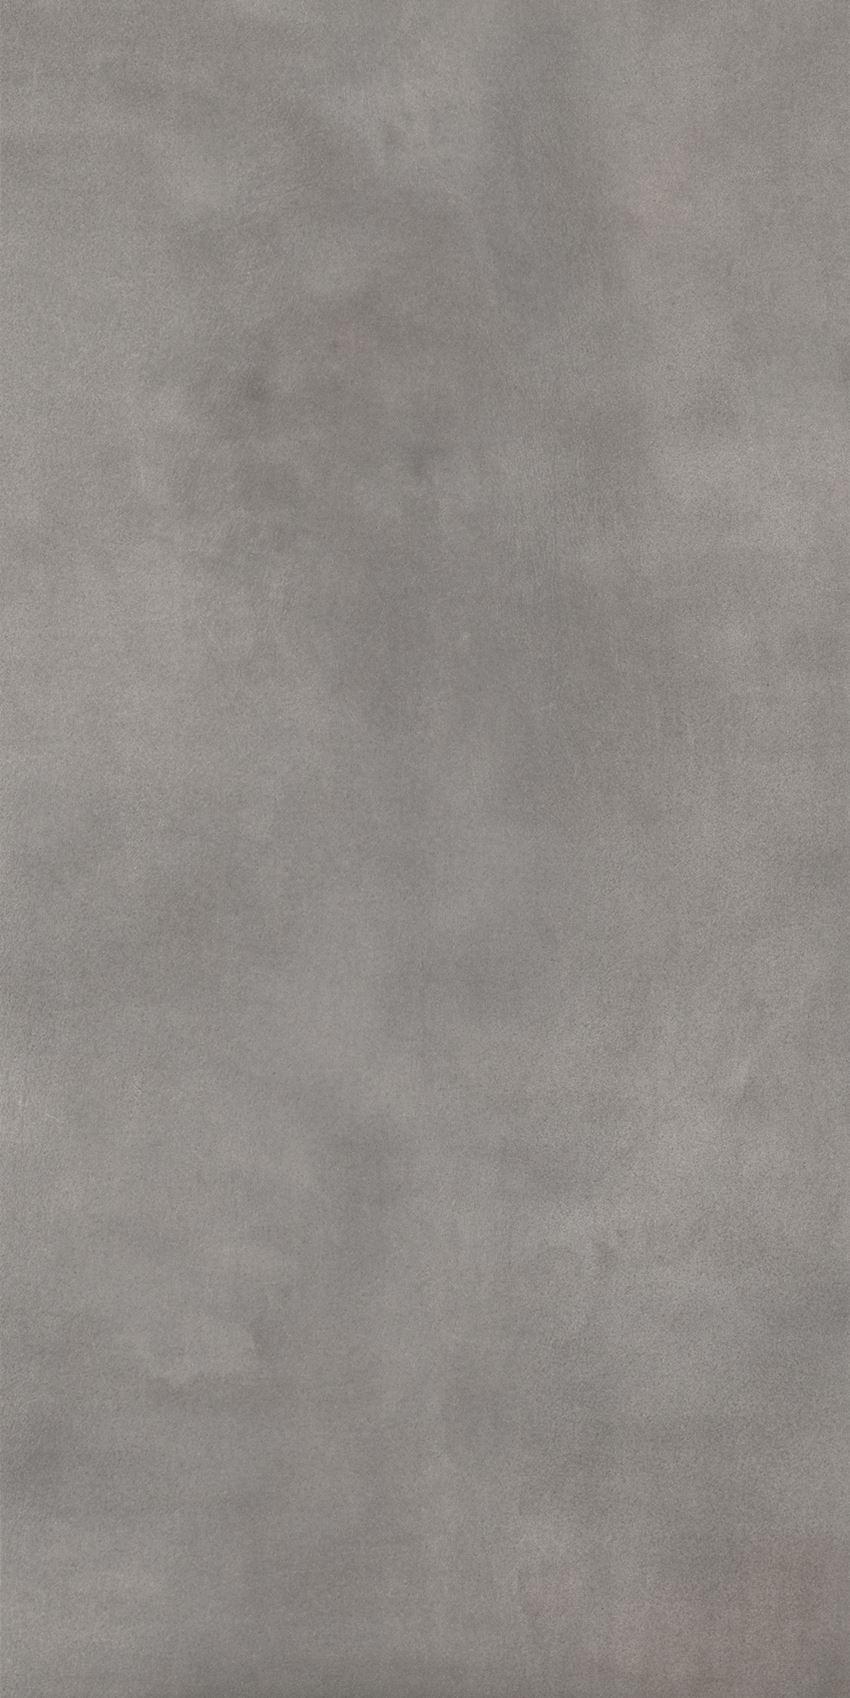 Płytka uniwersalna 29,8x59,8 cm Paradyż Tecniq Silver Gres Szkl. Rekt. Półpoler